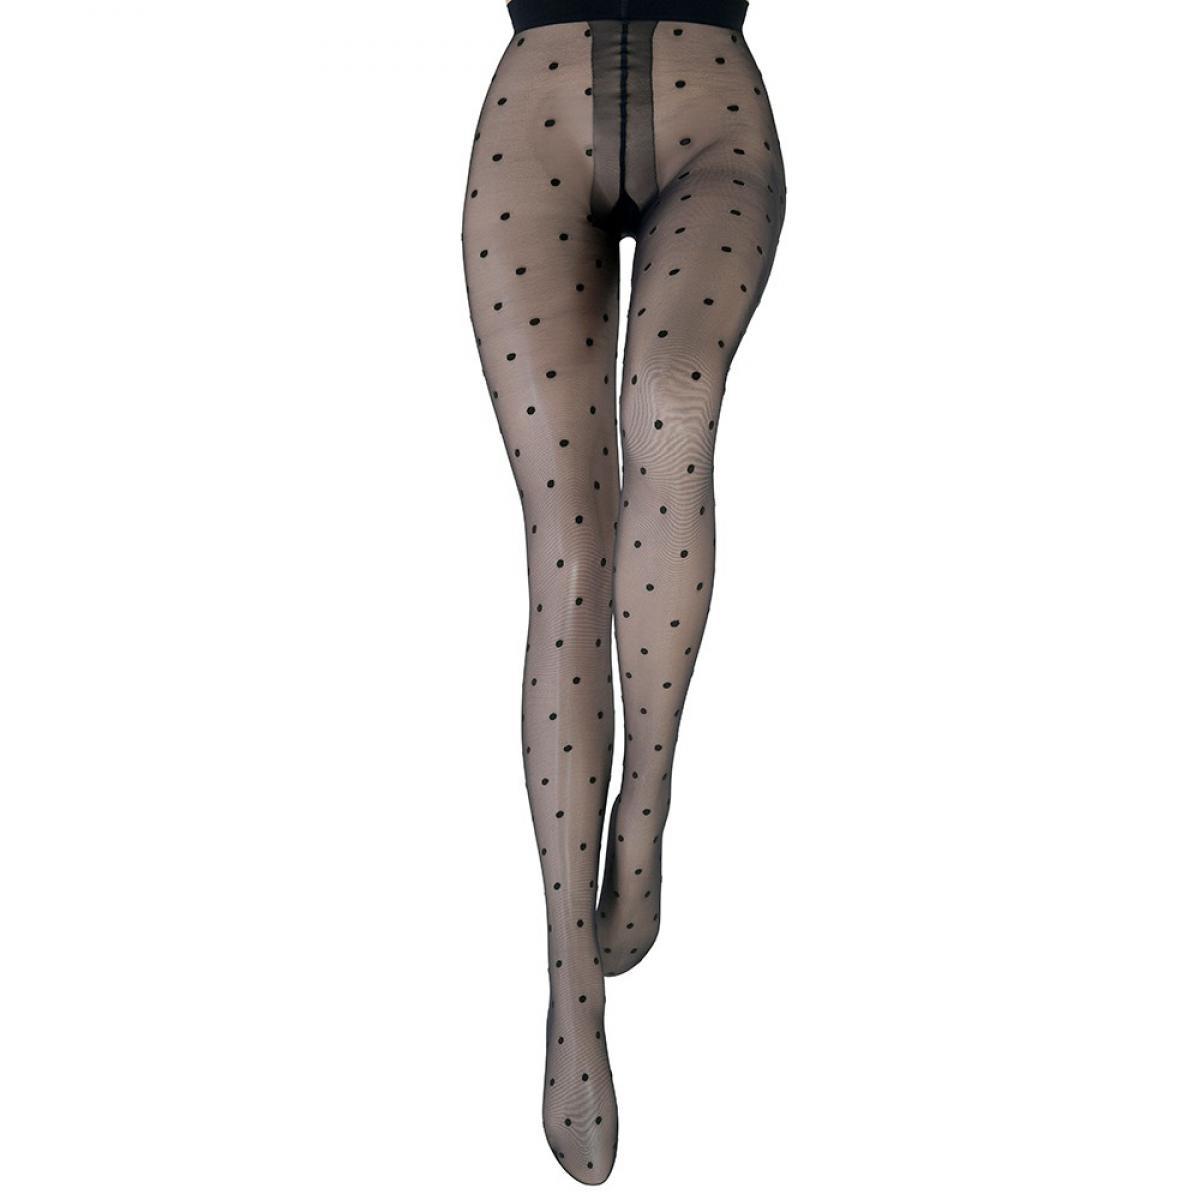 Collant Le Bourget HERITAGE motif pois 20D noir Le Bourget - Fitancy d0e15c8ea2f